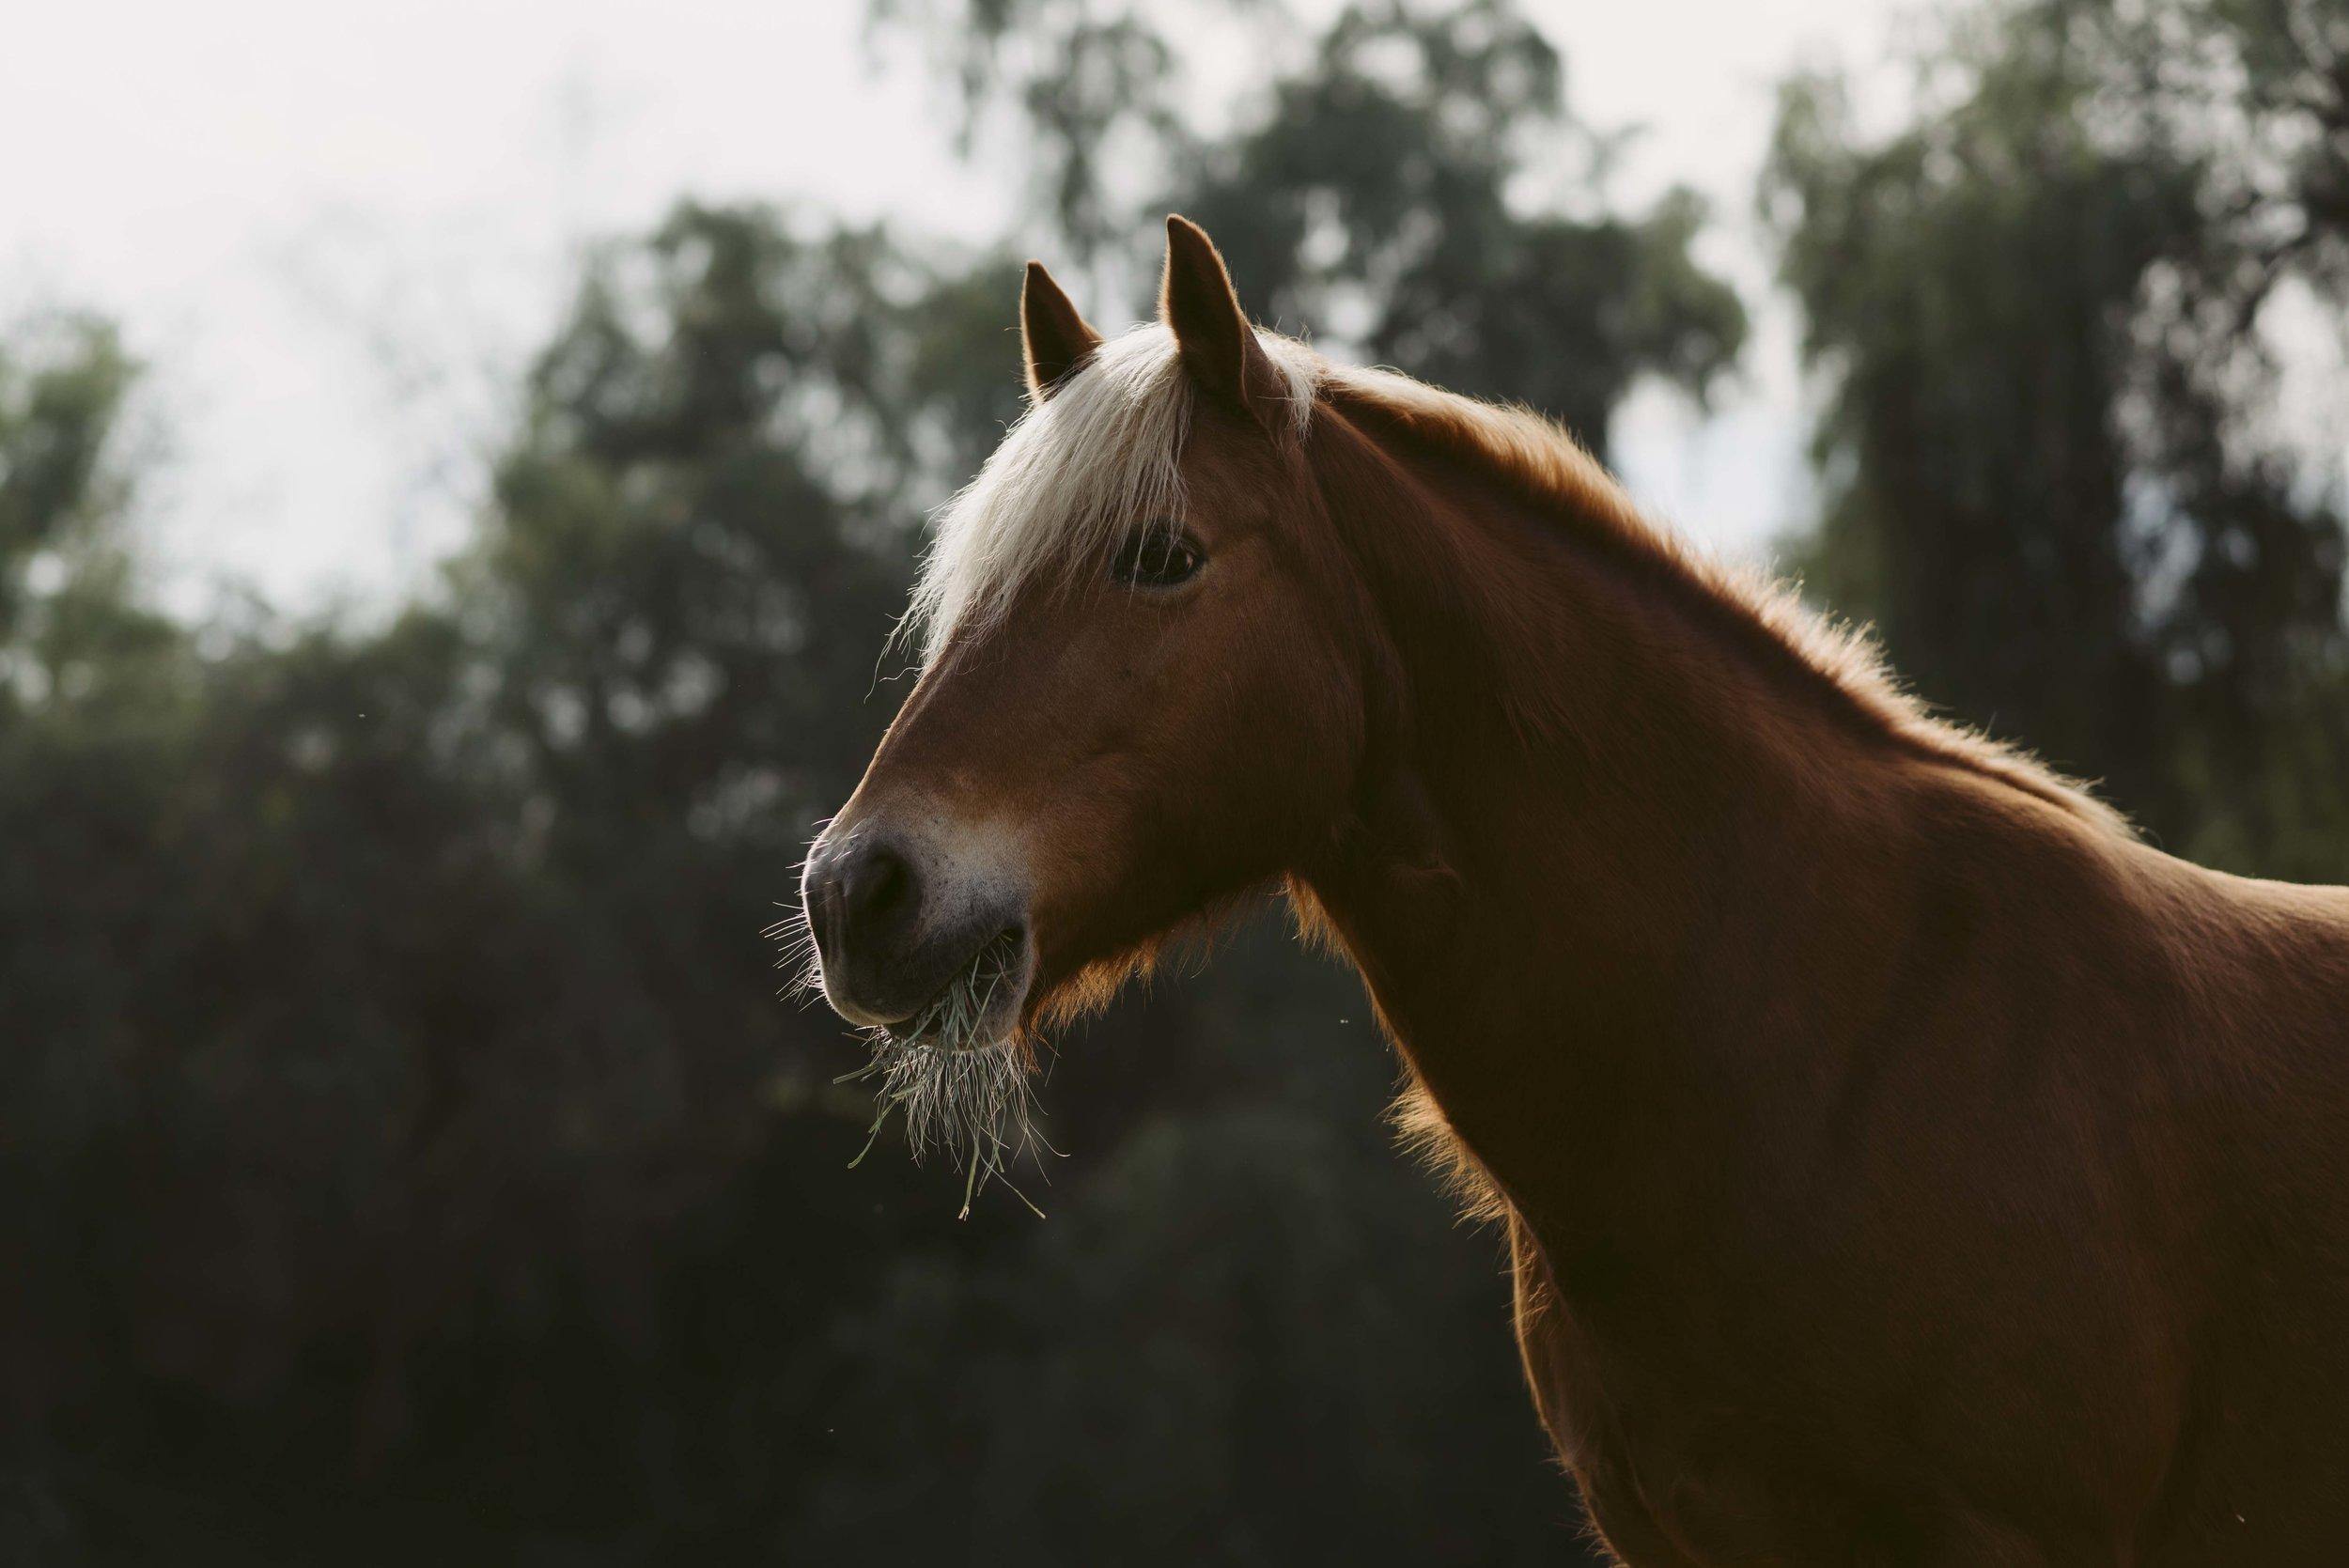 Margo-Kays-Horse-WEB-02.jpg